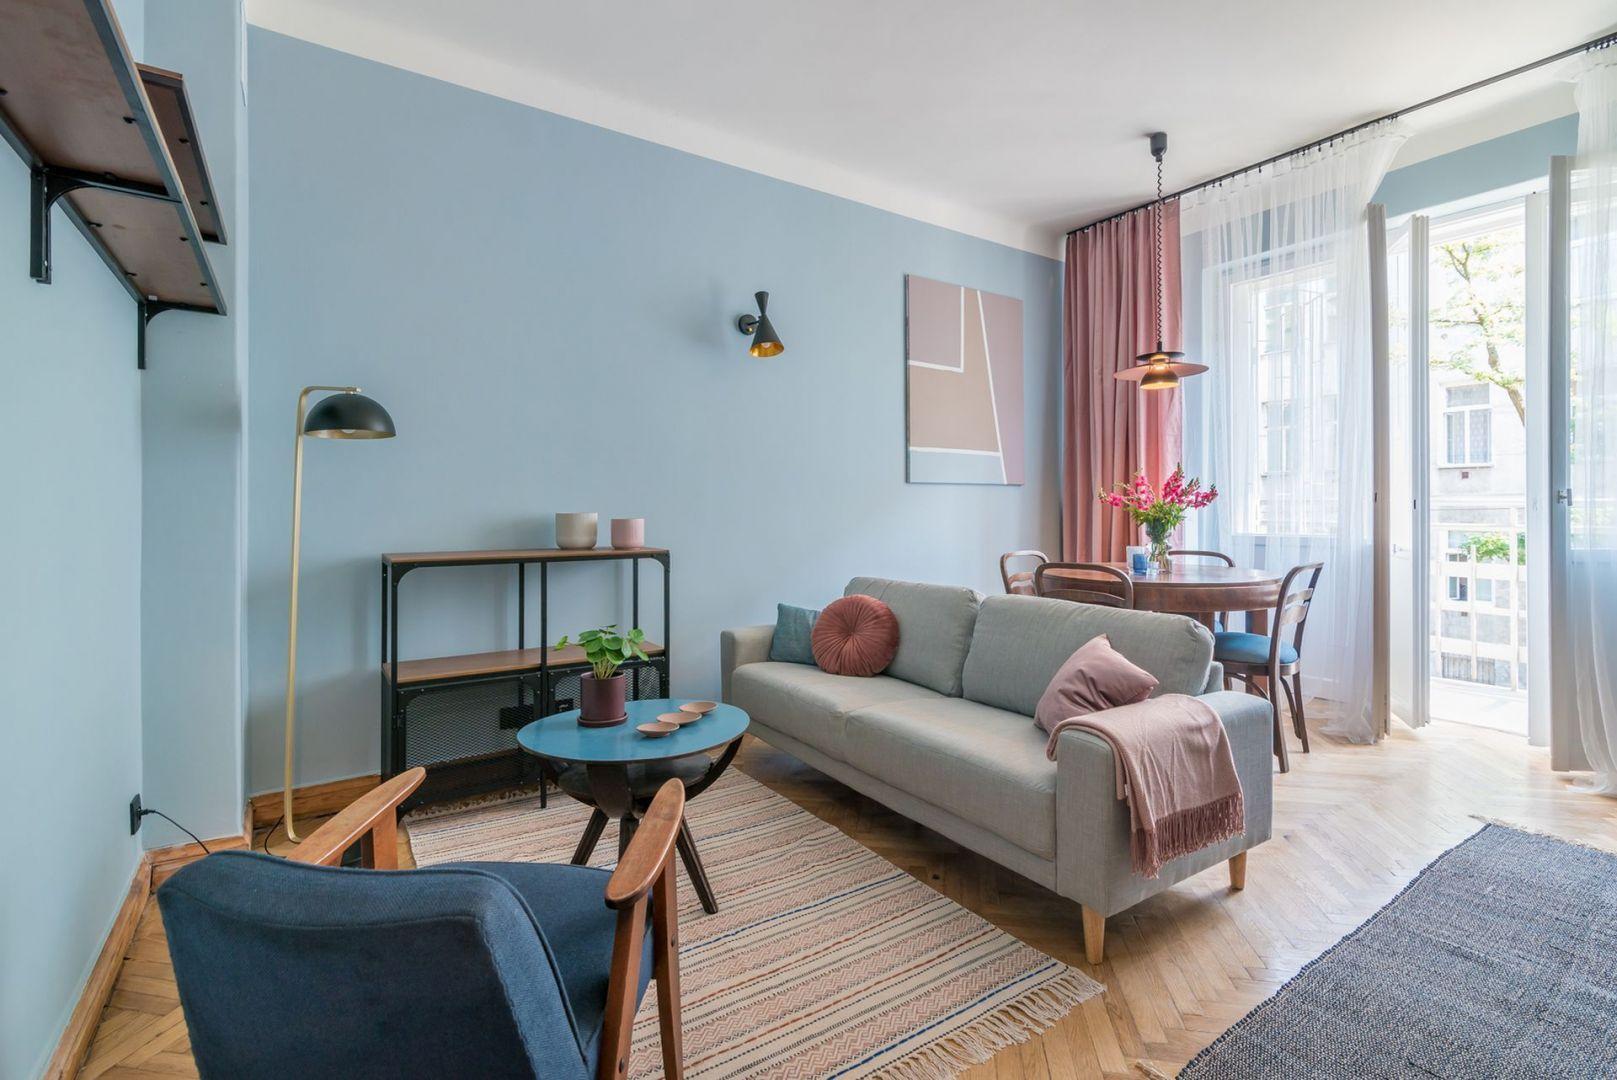 Kolory w salonie wprowadzają w nastrój relaksu. Projekt i stylizacja wnętrza: Ola Dąbrówka, pracownia Good Vibes Interiors. Fot. Marcin Mularczyk